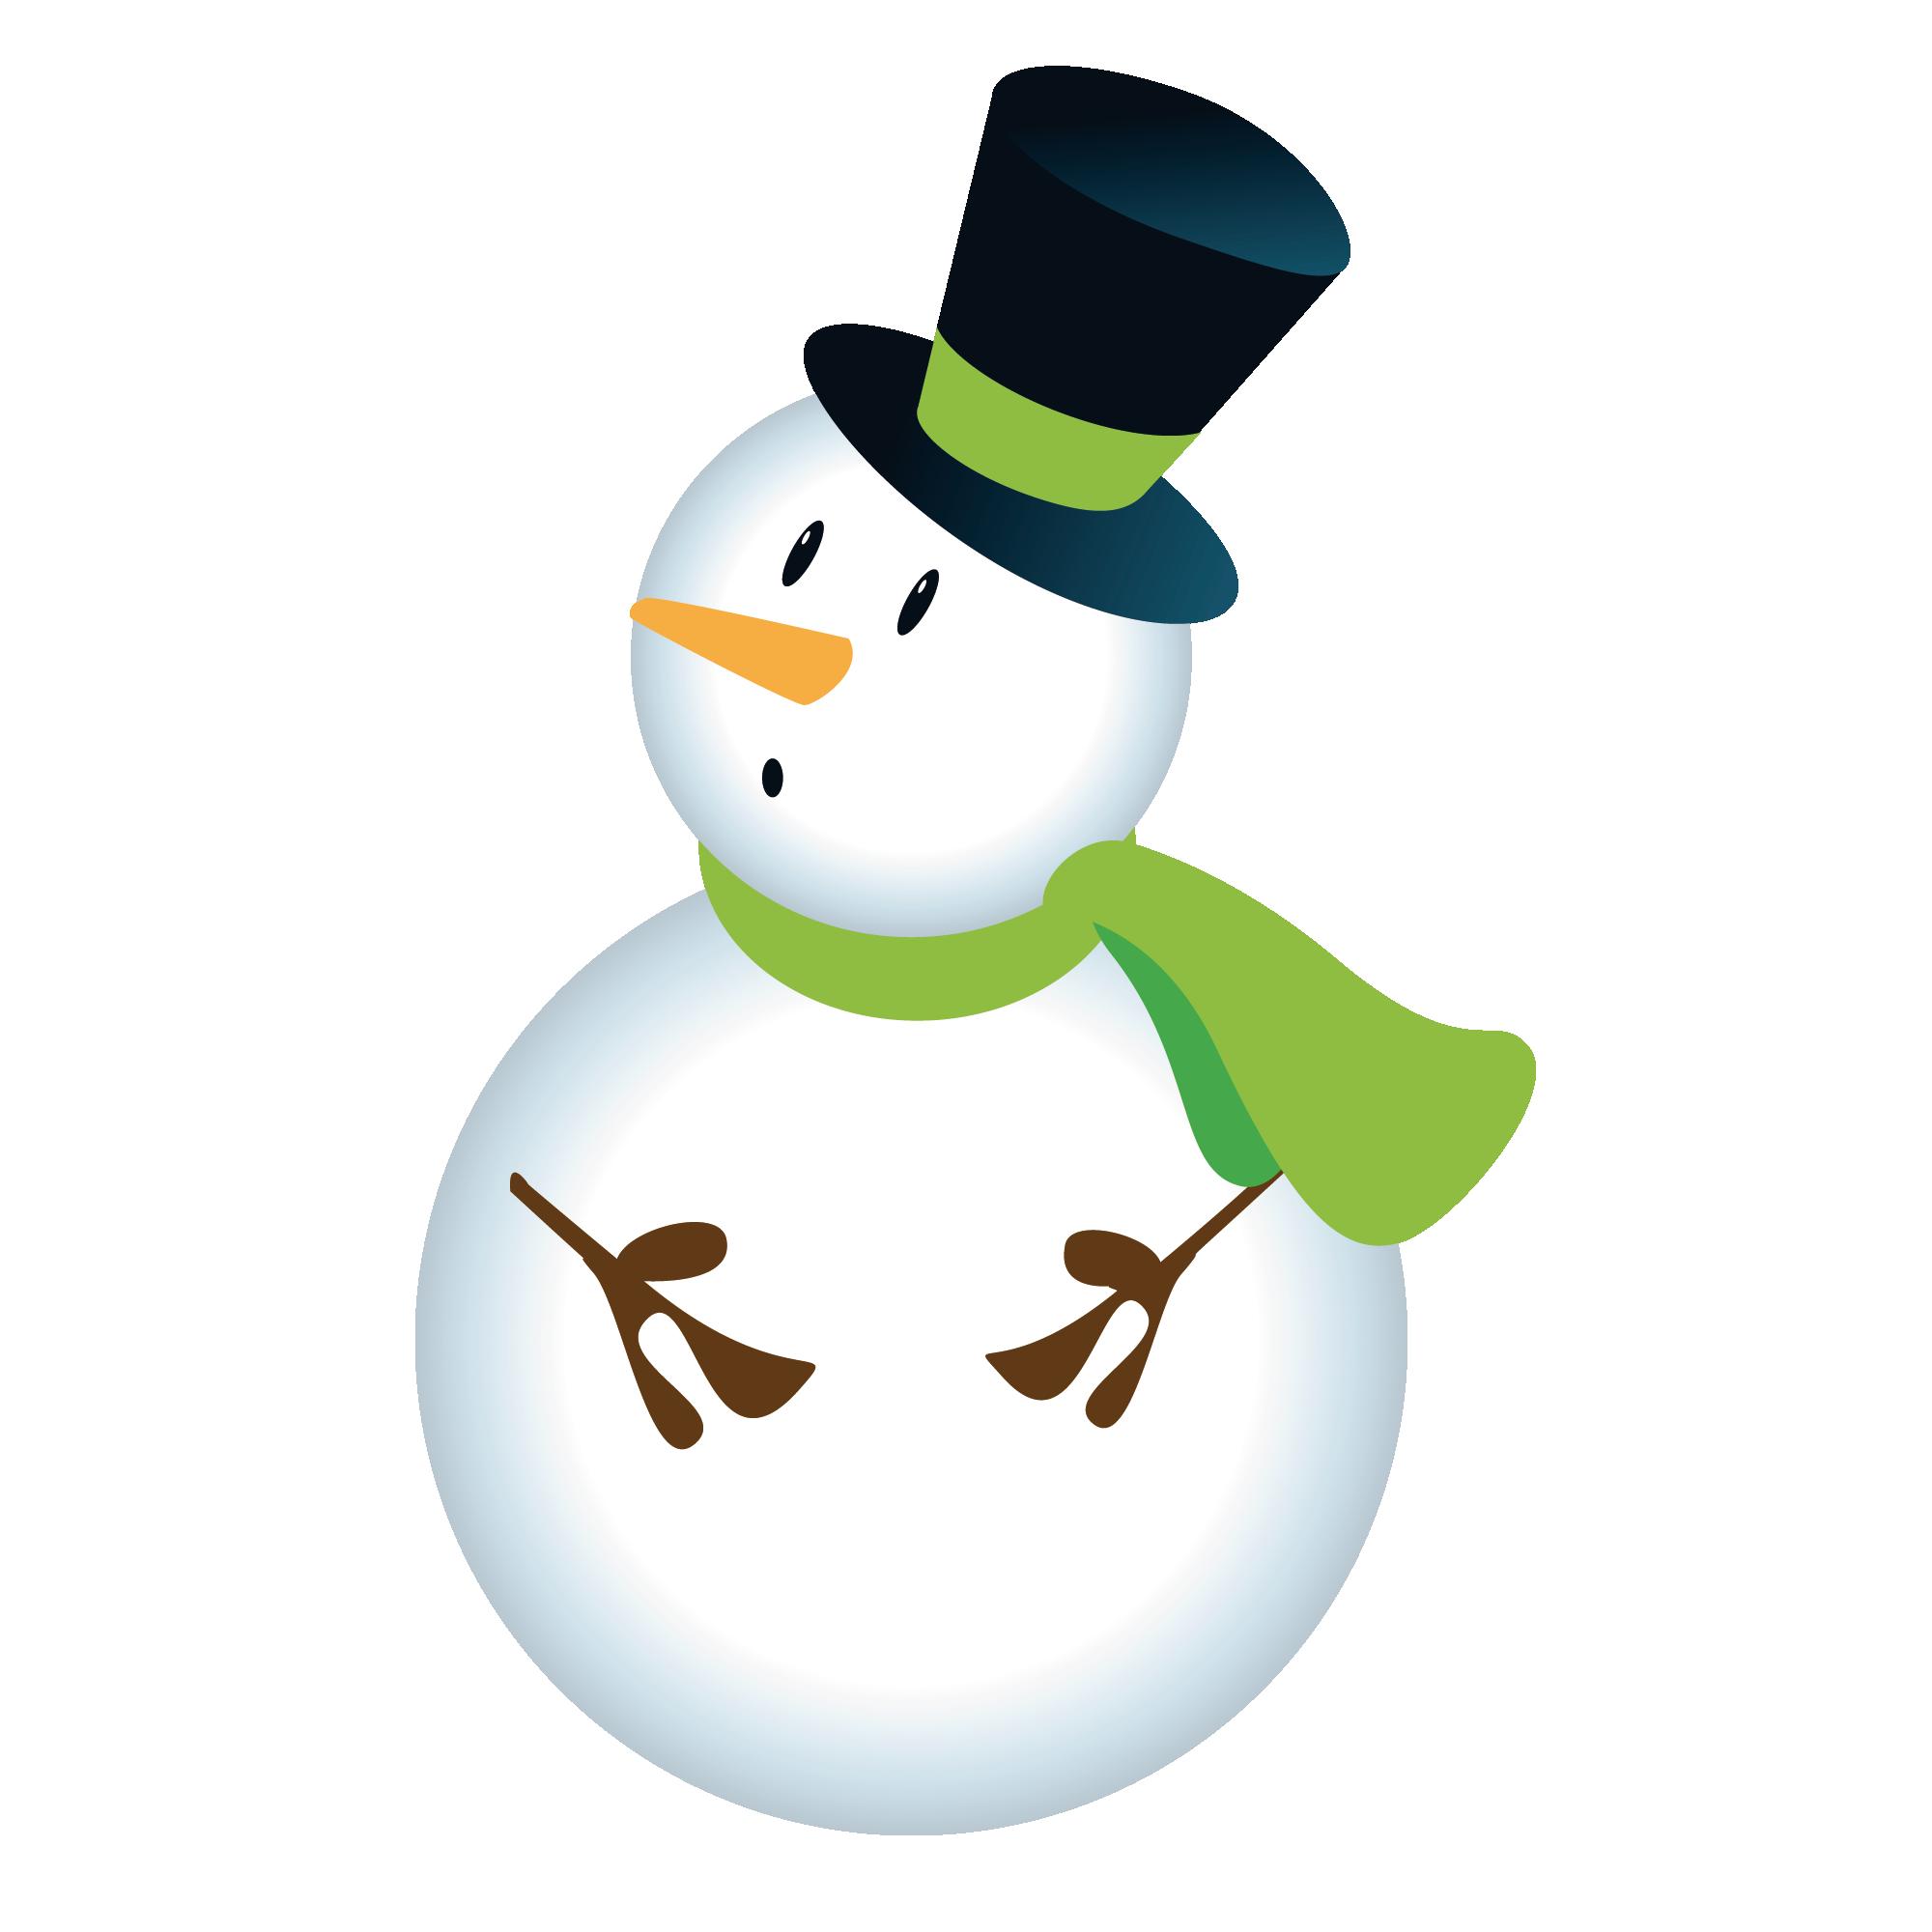 G n rosit les nes de marolles page 3 - Clipart bonhomme de neige ...